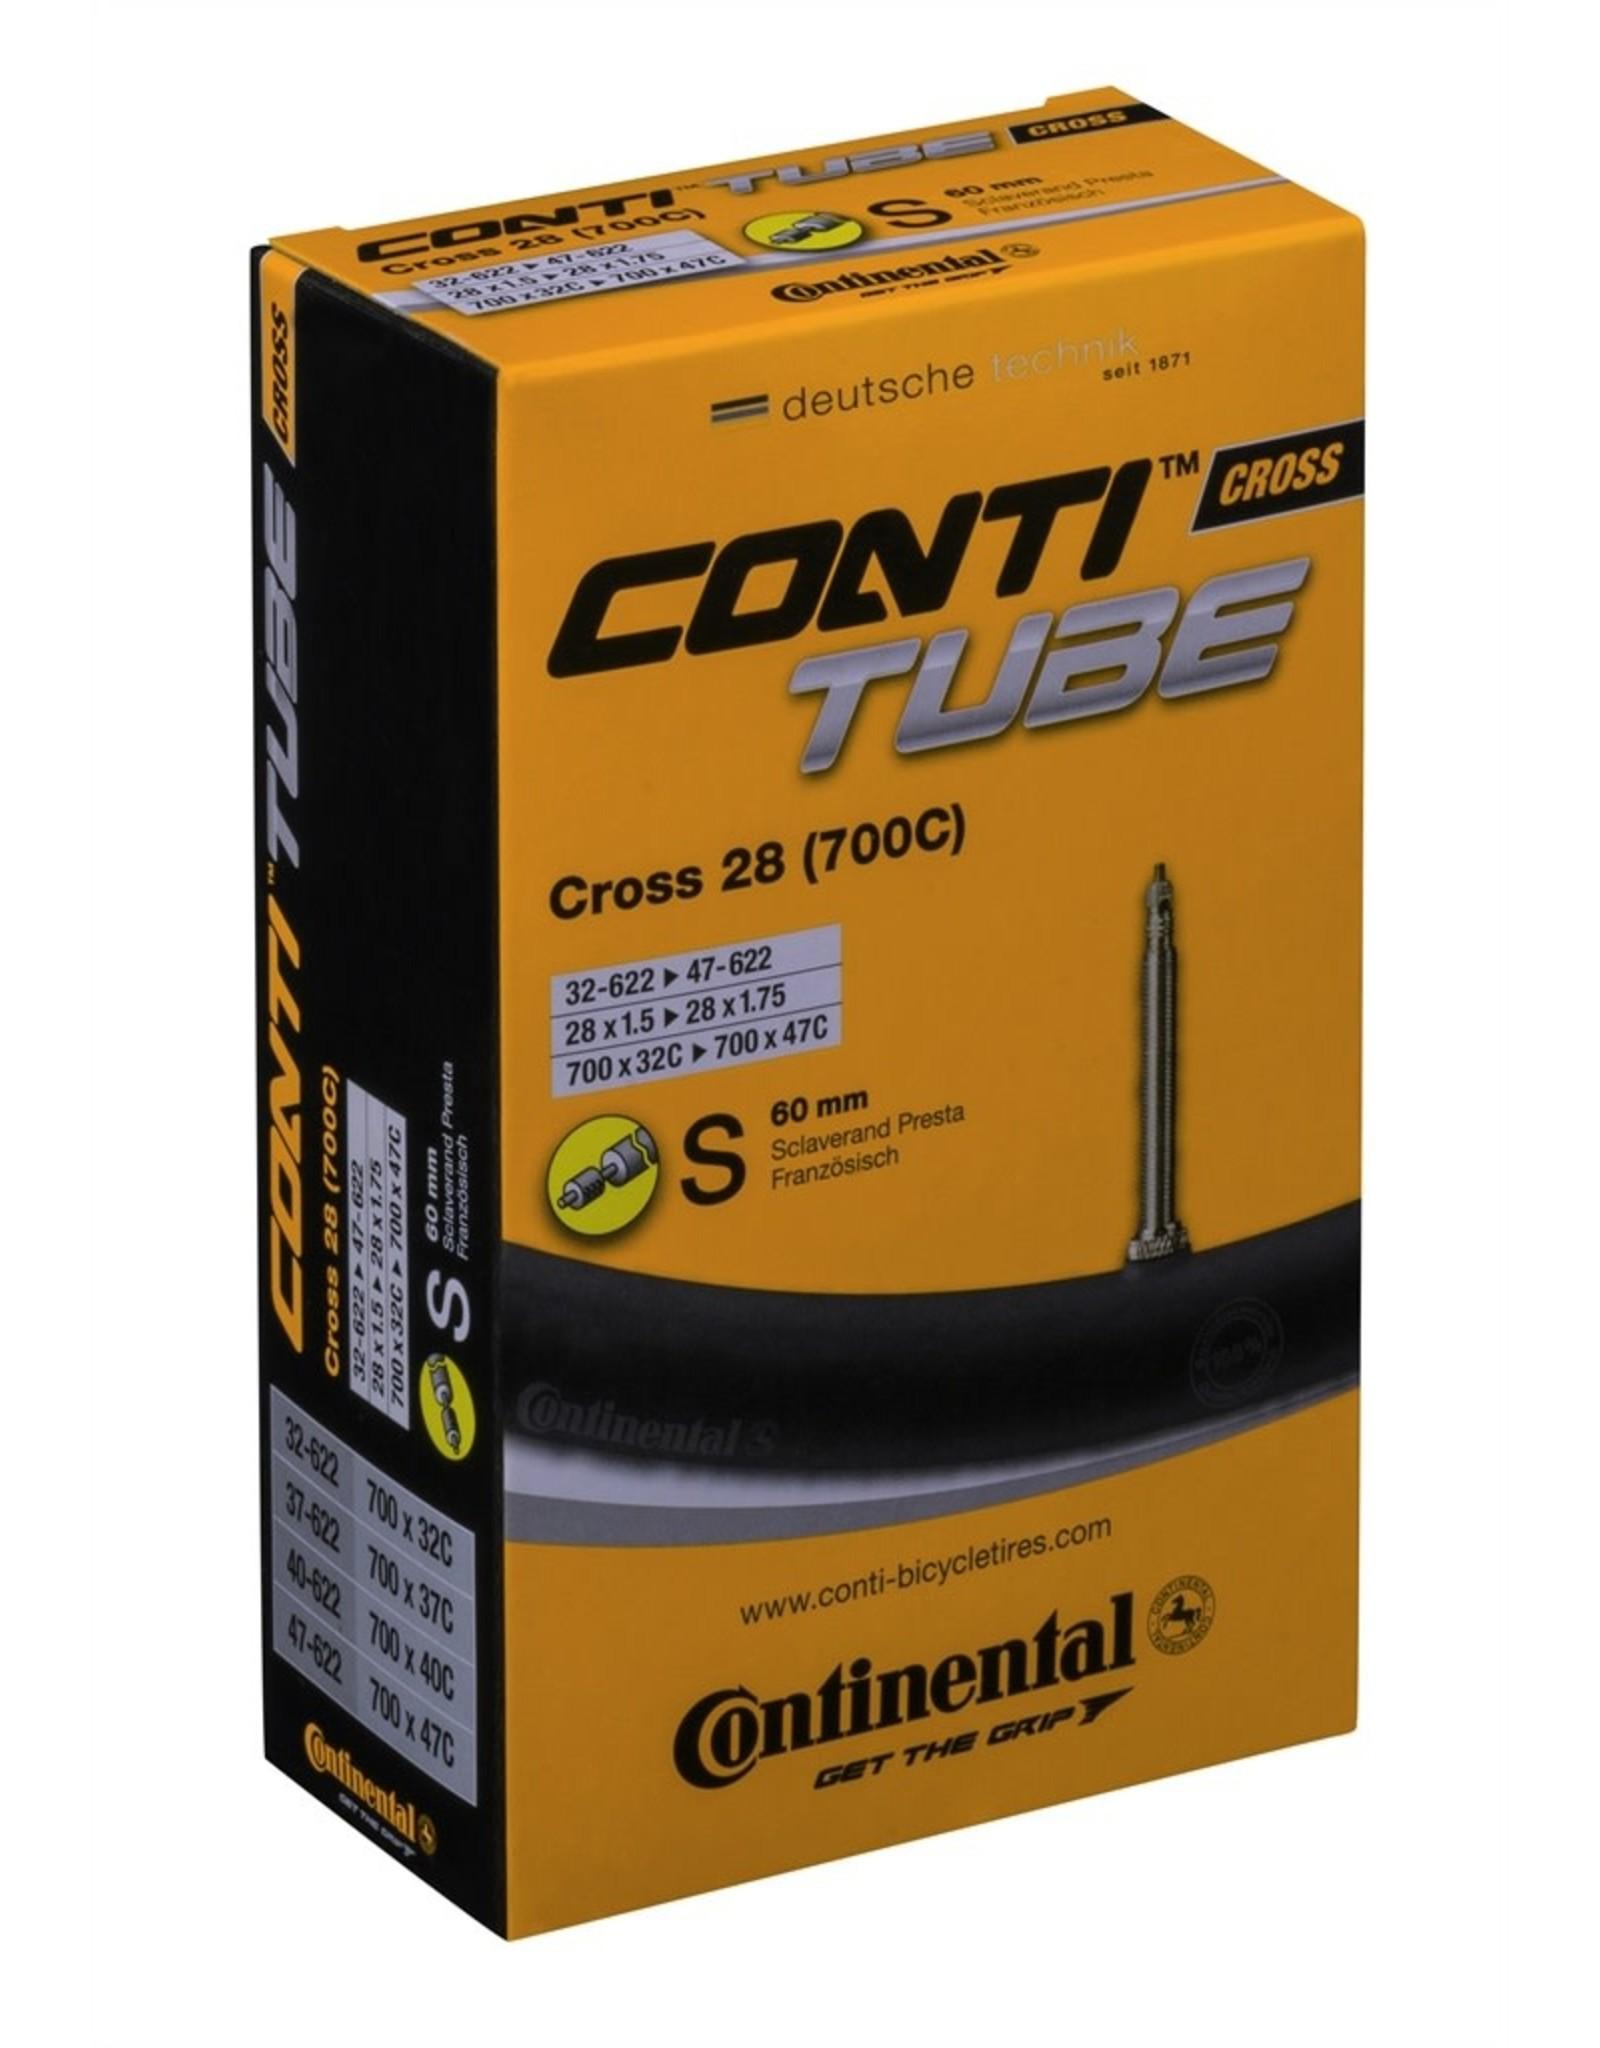 Continental CONTI, Tube, 700x25-32, Presta, 60mm, Race Wide